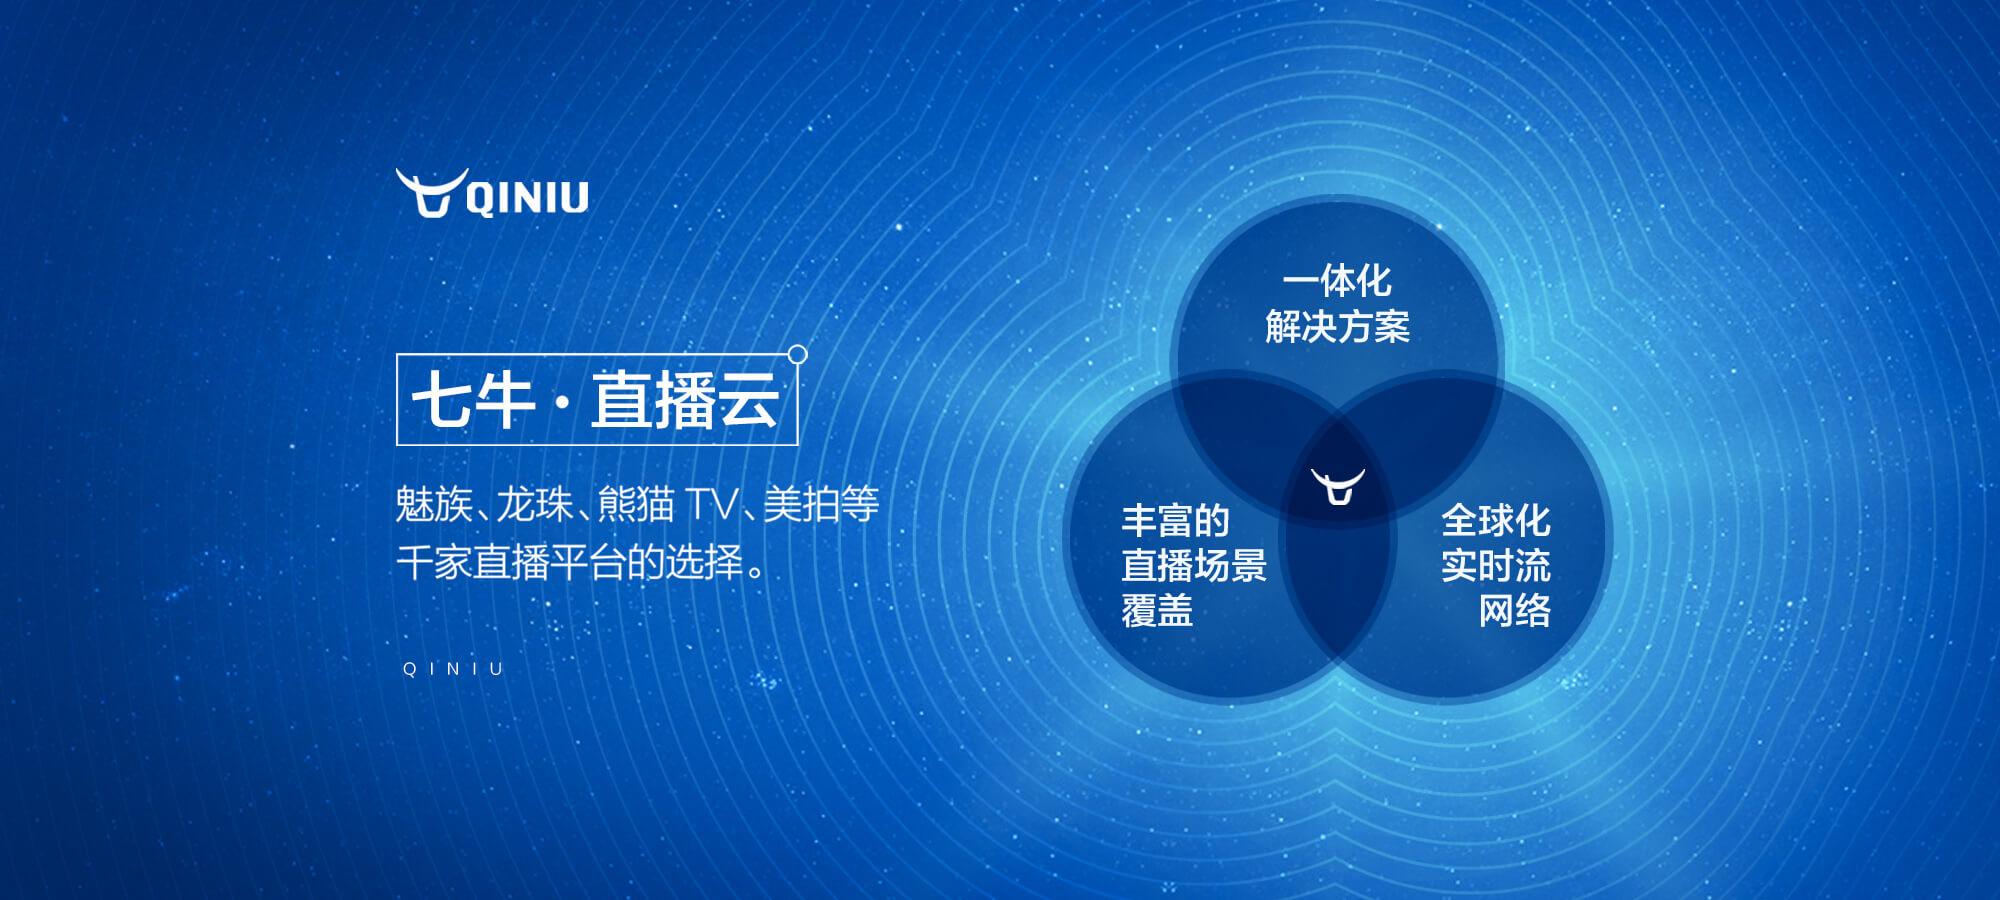 2017年七大云计算新贵公司融资排行榜